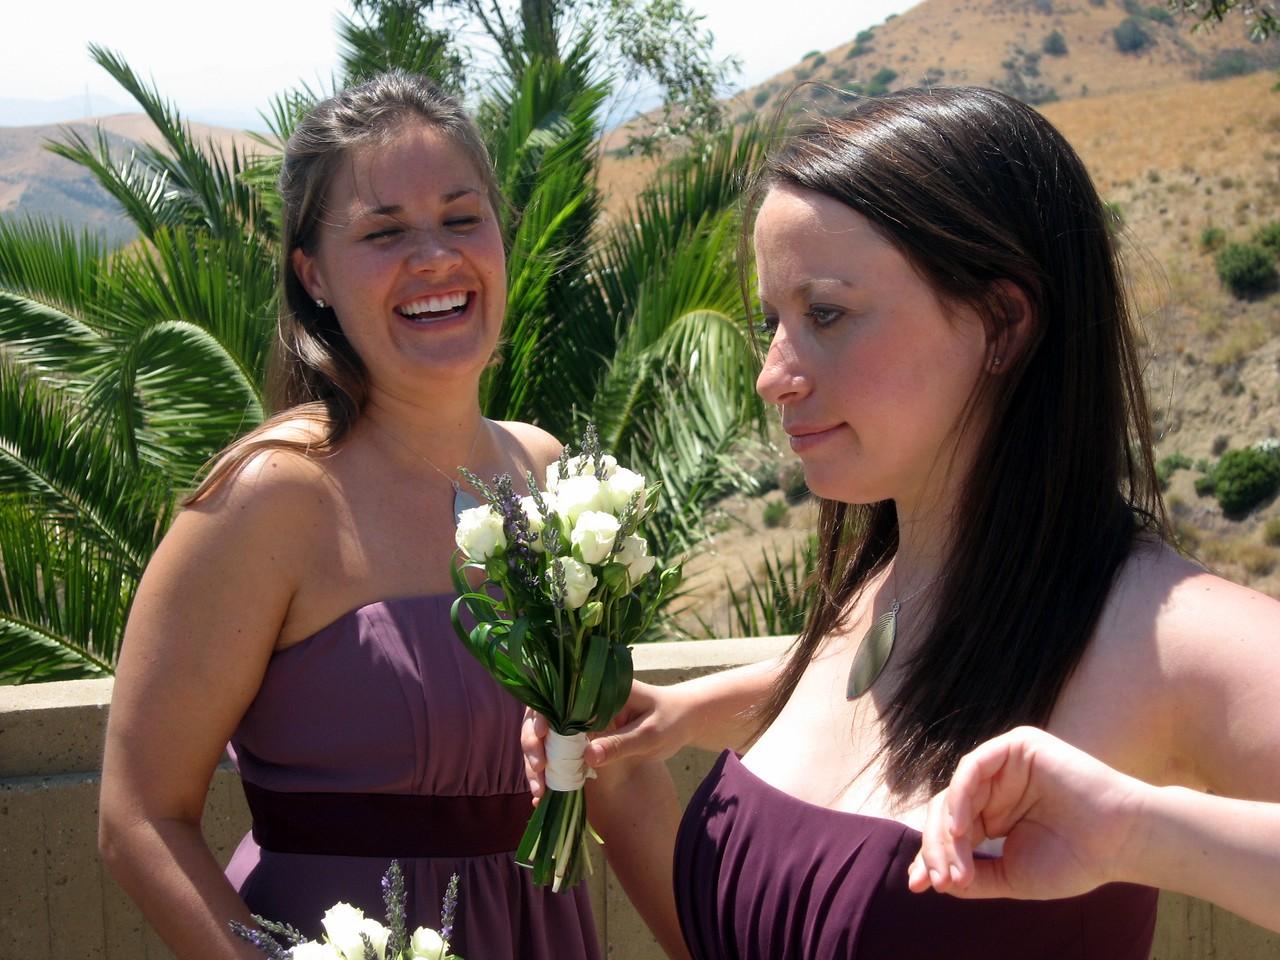 Bridesmaid Rebecca airs out while bridesmaid Sarah laughs